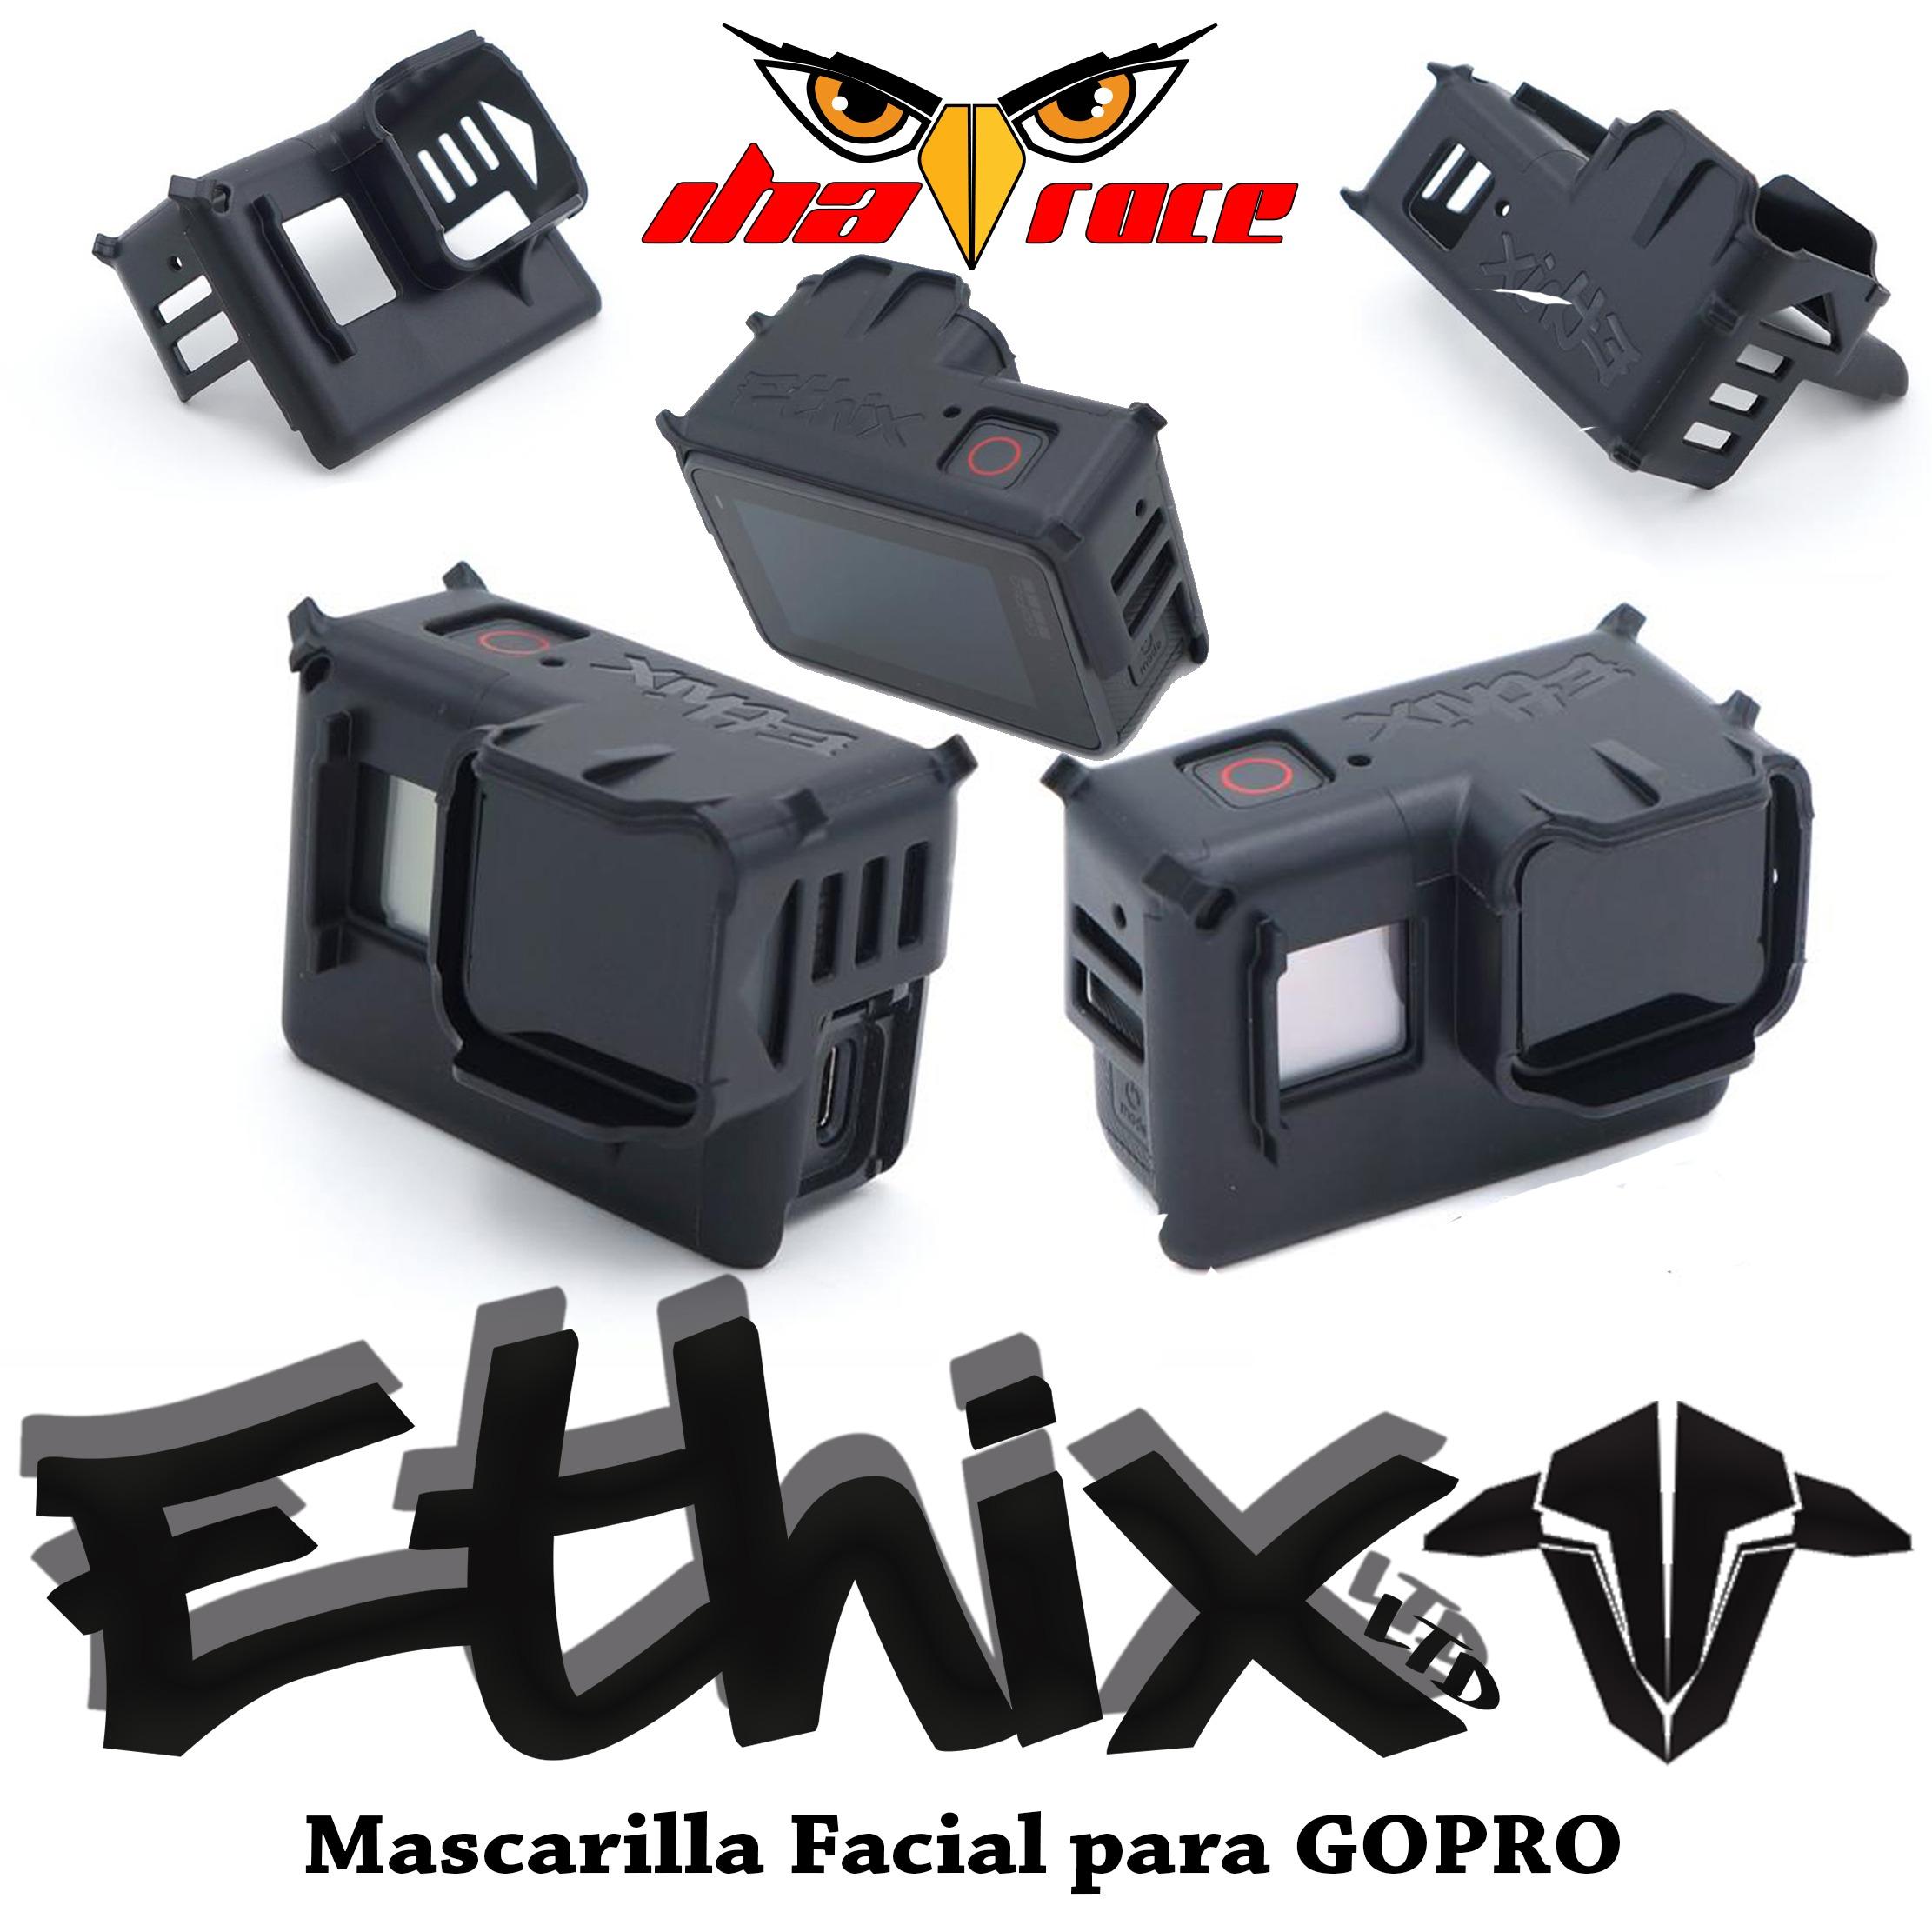 TBS ETHIX Mascarilla Facial para GOPRO